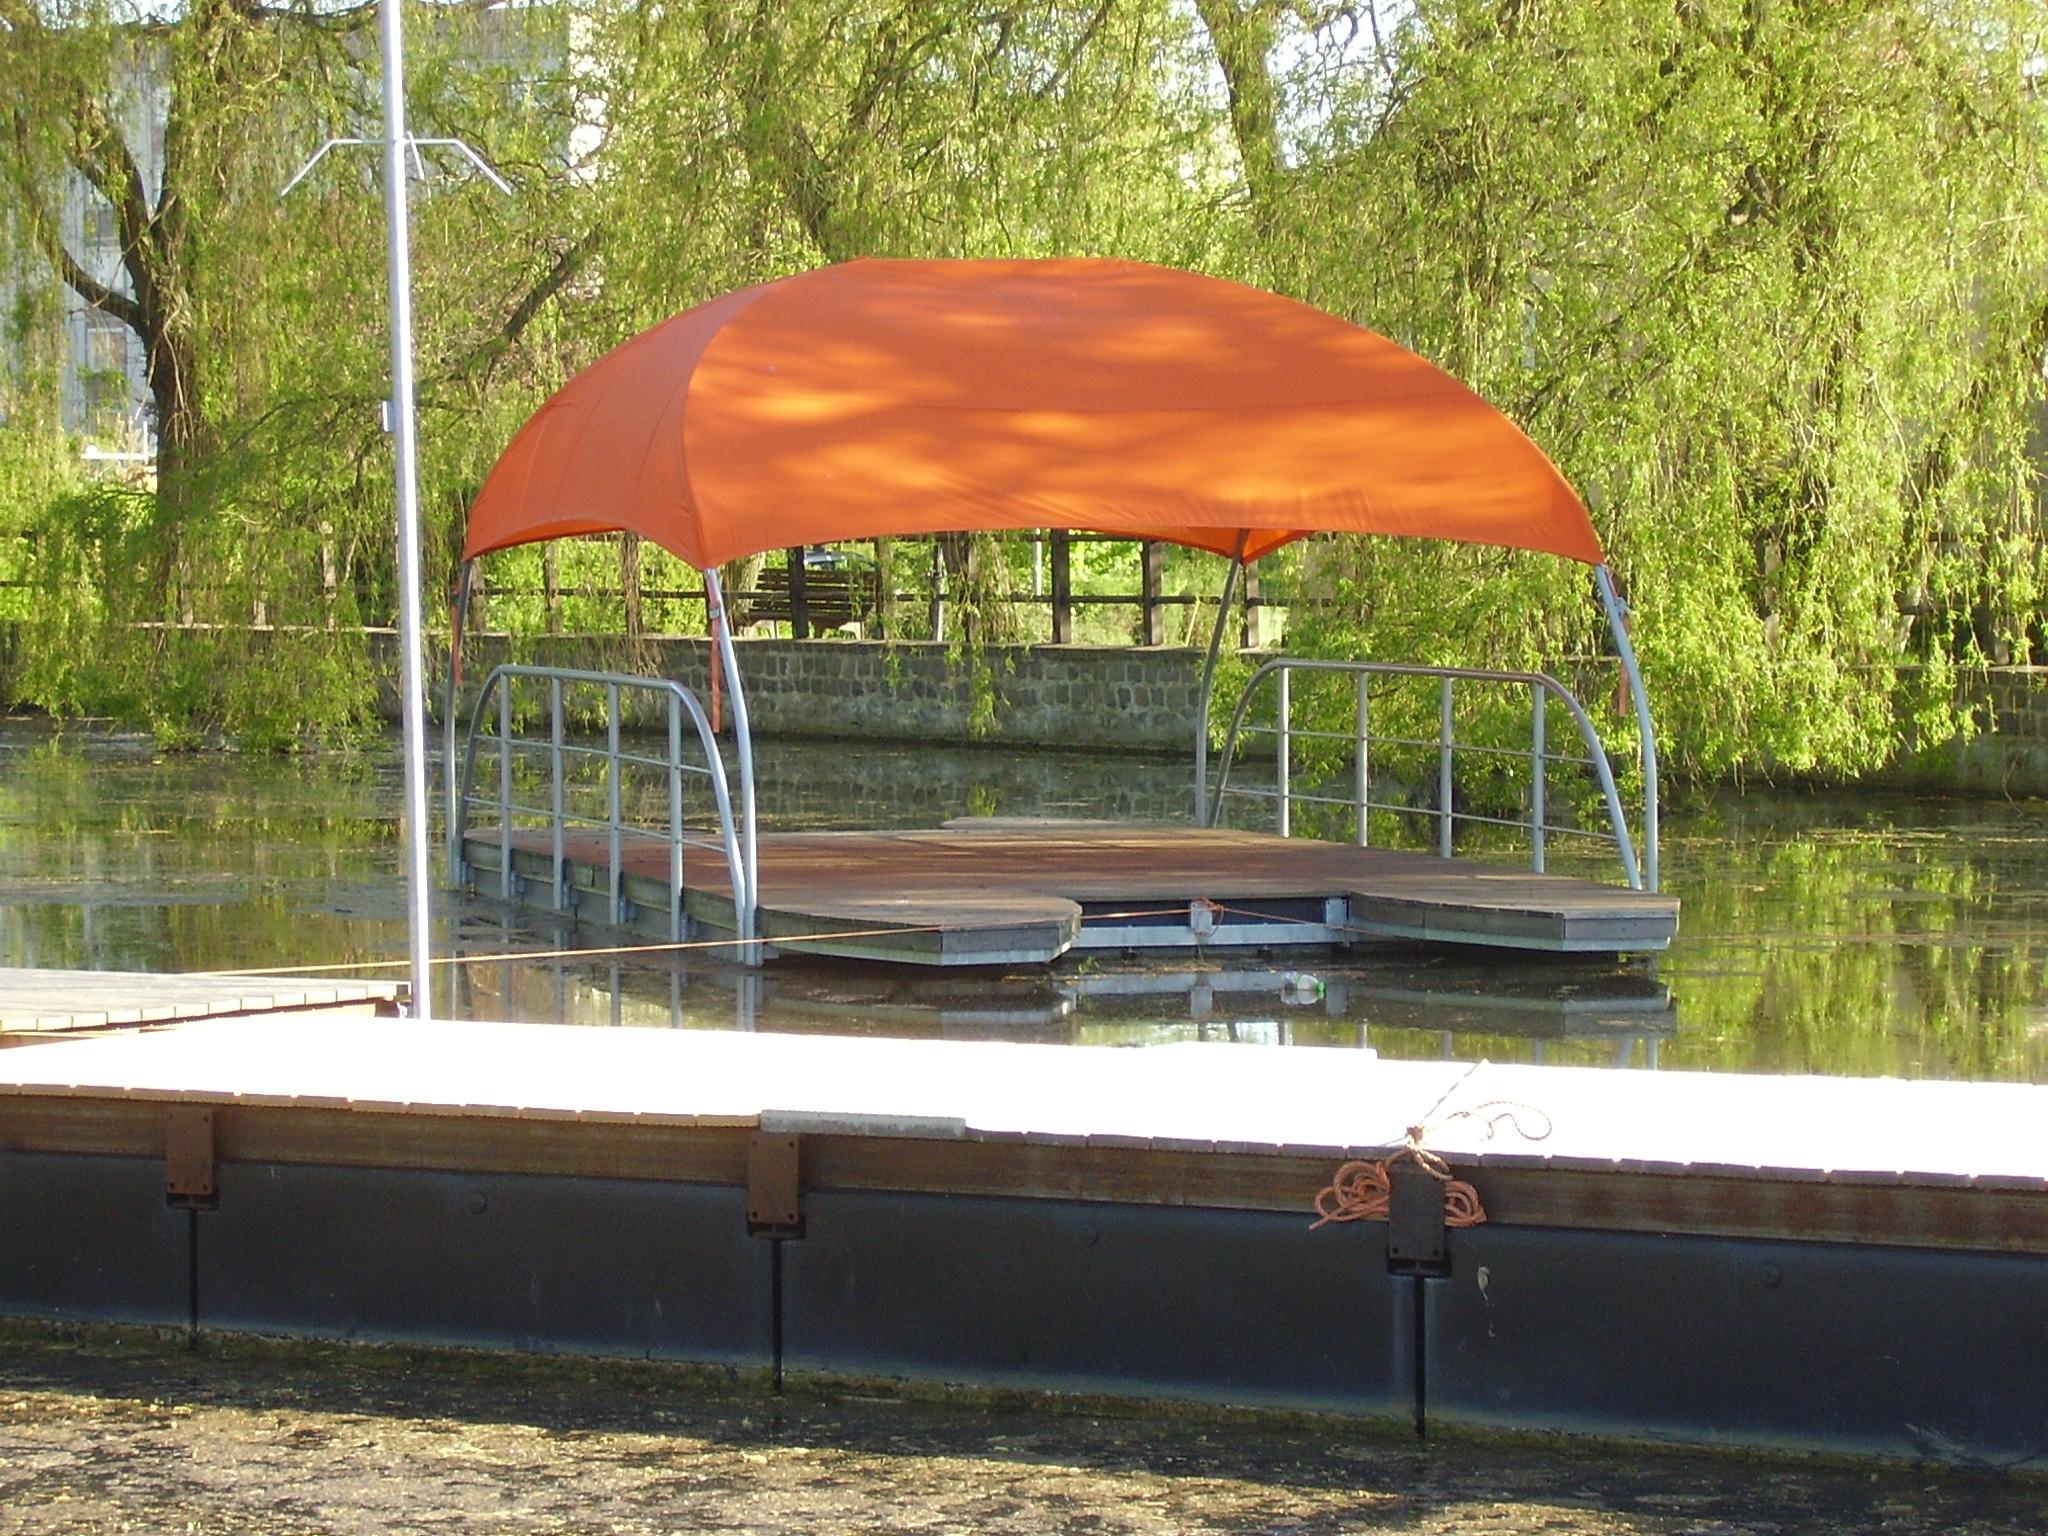 Eine treibende Schwimminsel im Kanal mit großen Sonnenschutz